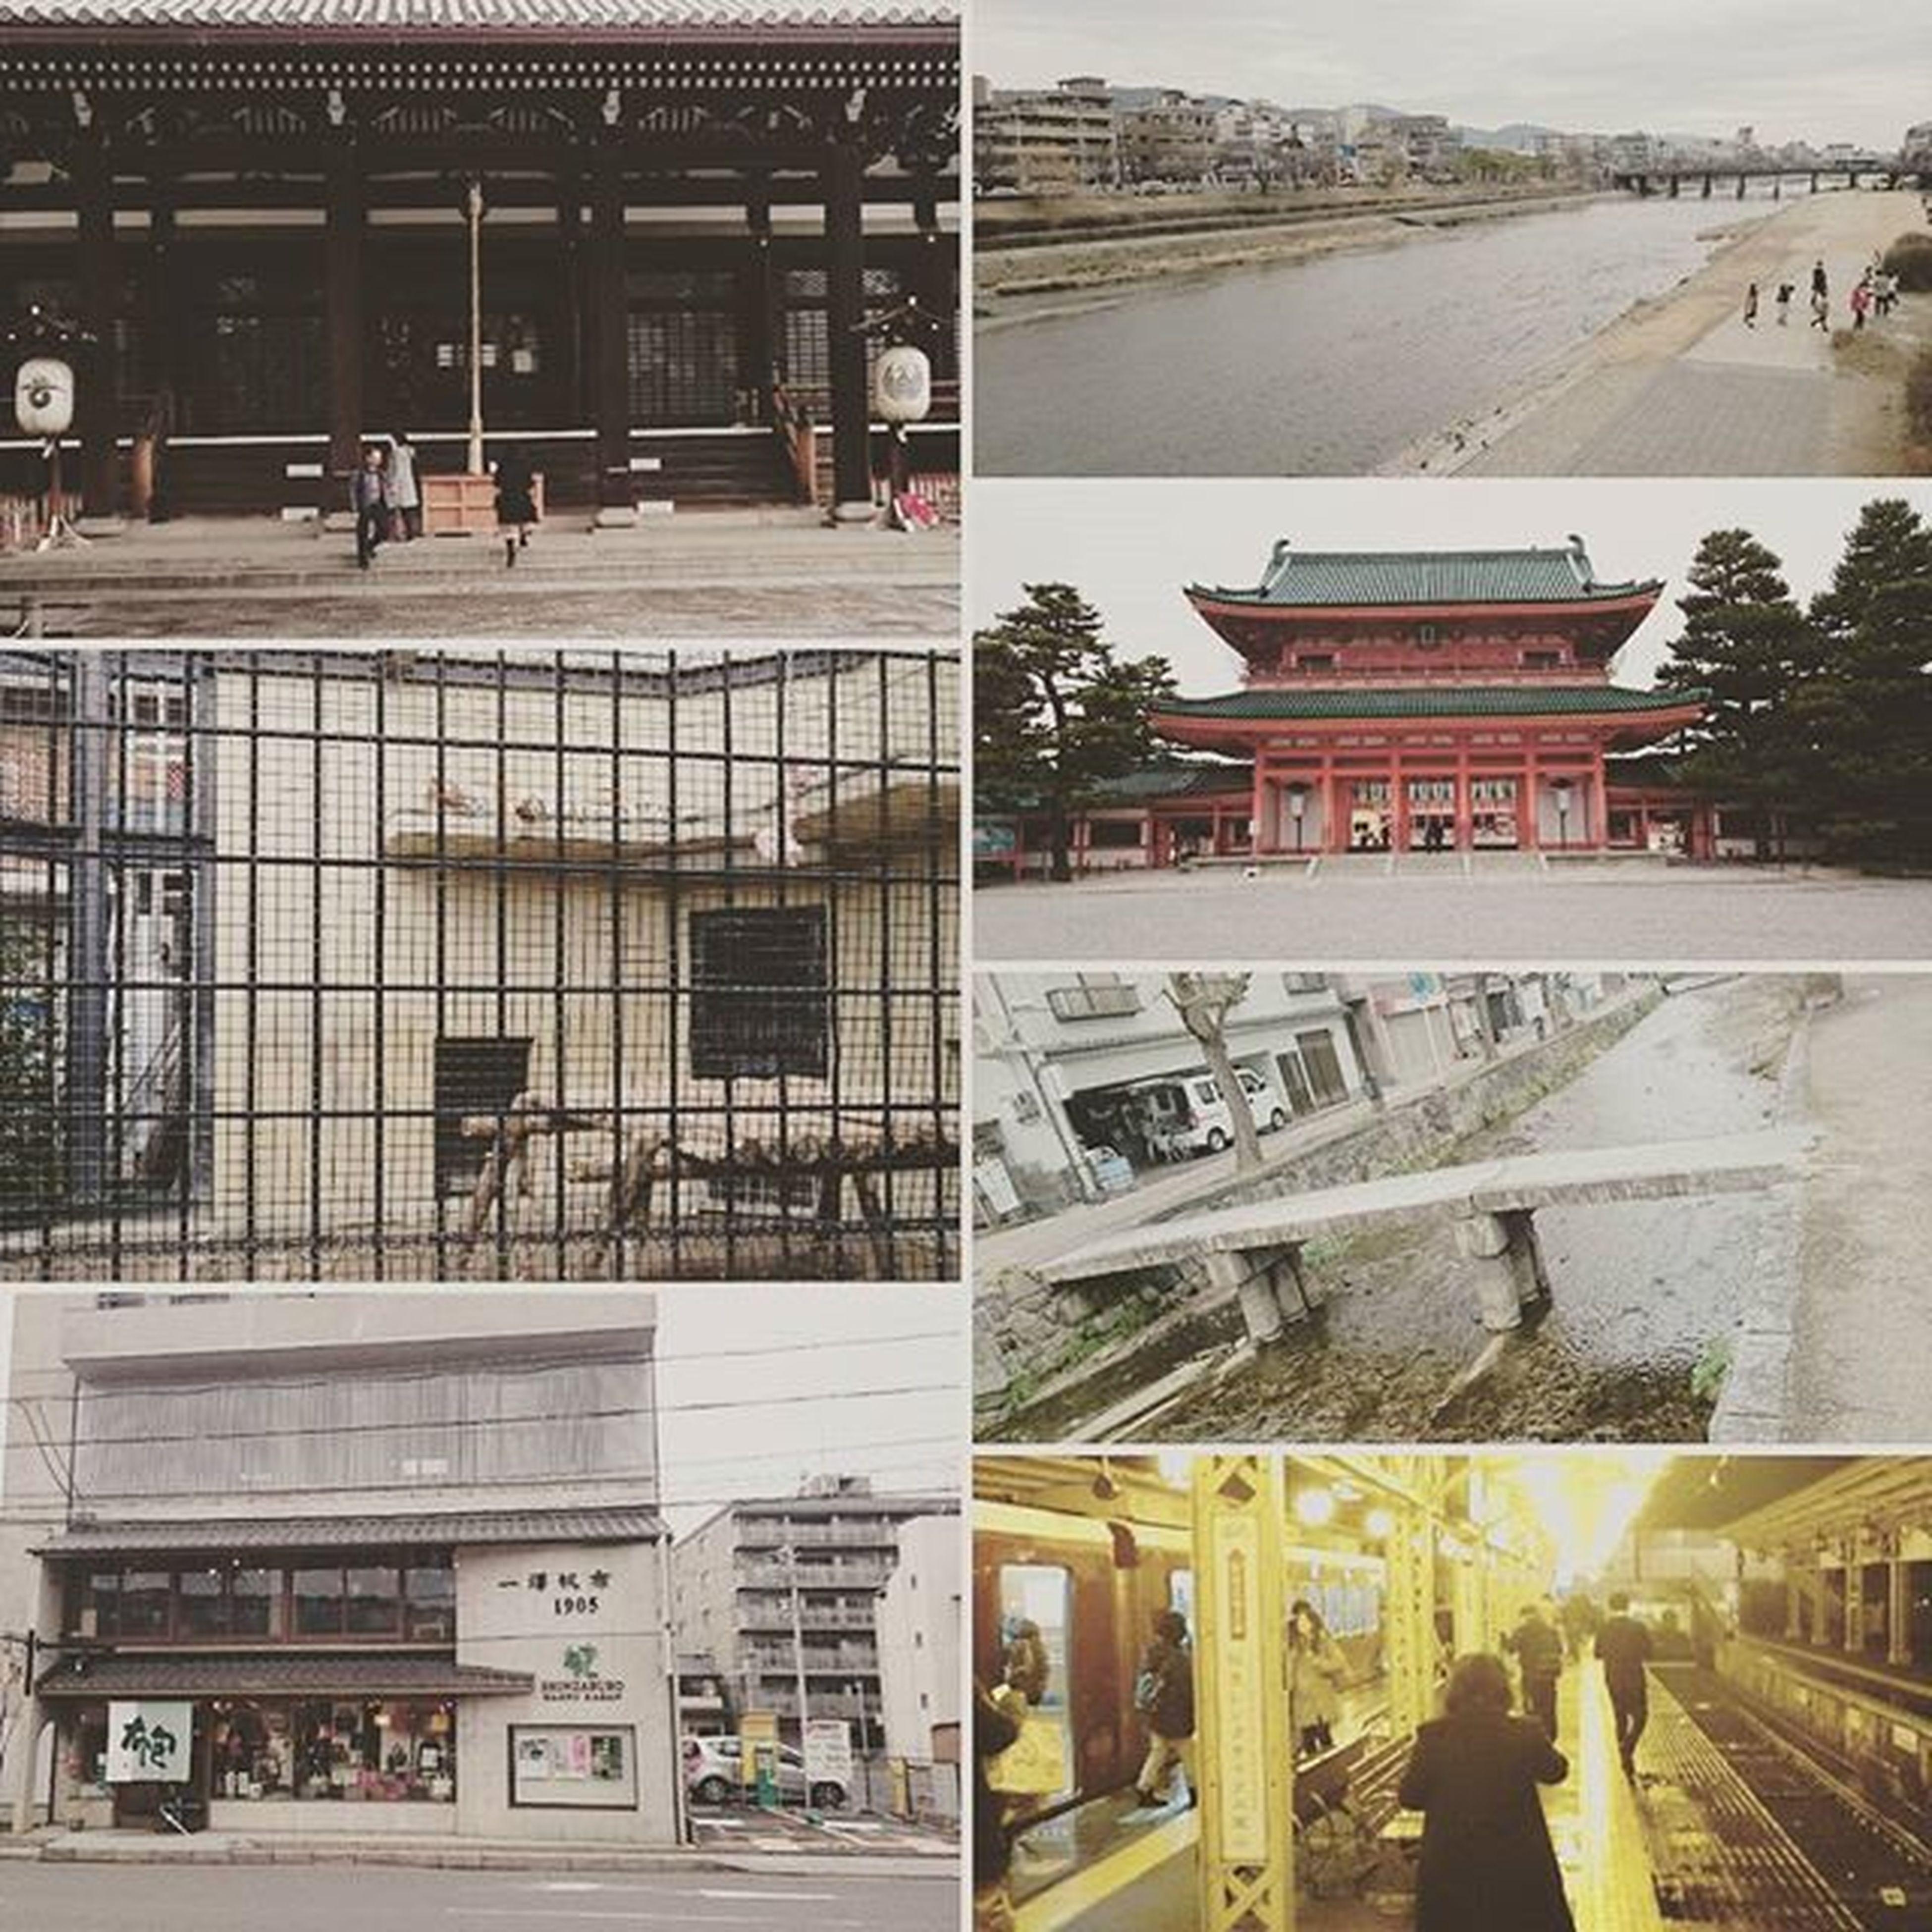 本日行ったところ。全て歩きで行きやした。 本能寺 鴨川 平安神宮 白川 京都市動物園 嵐山温泉